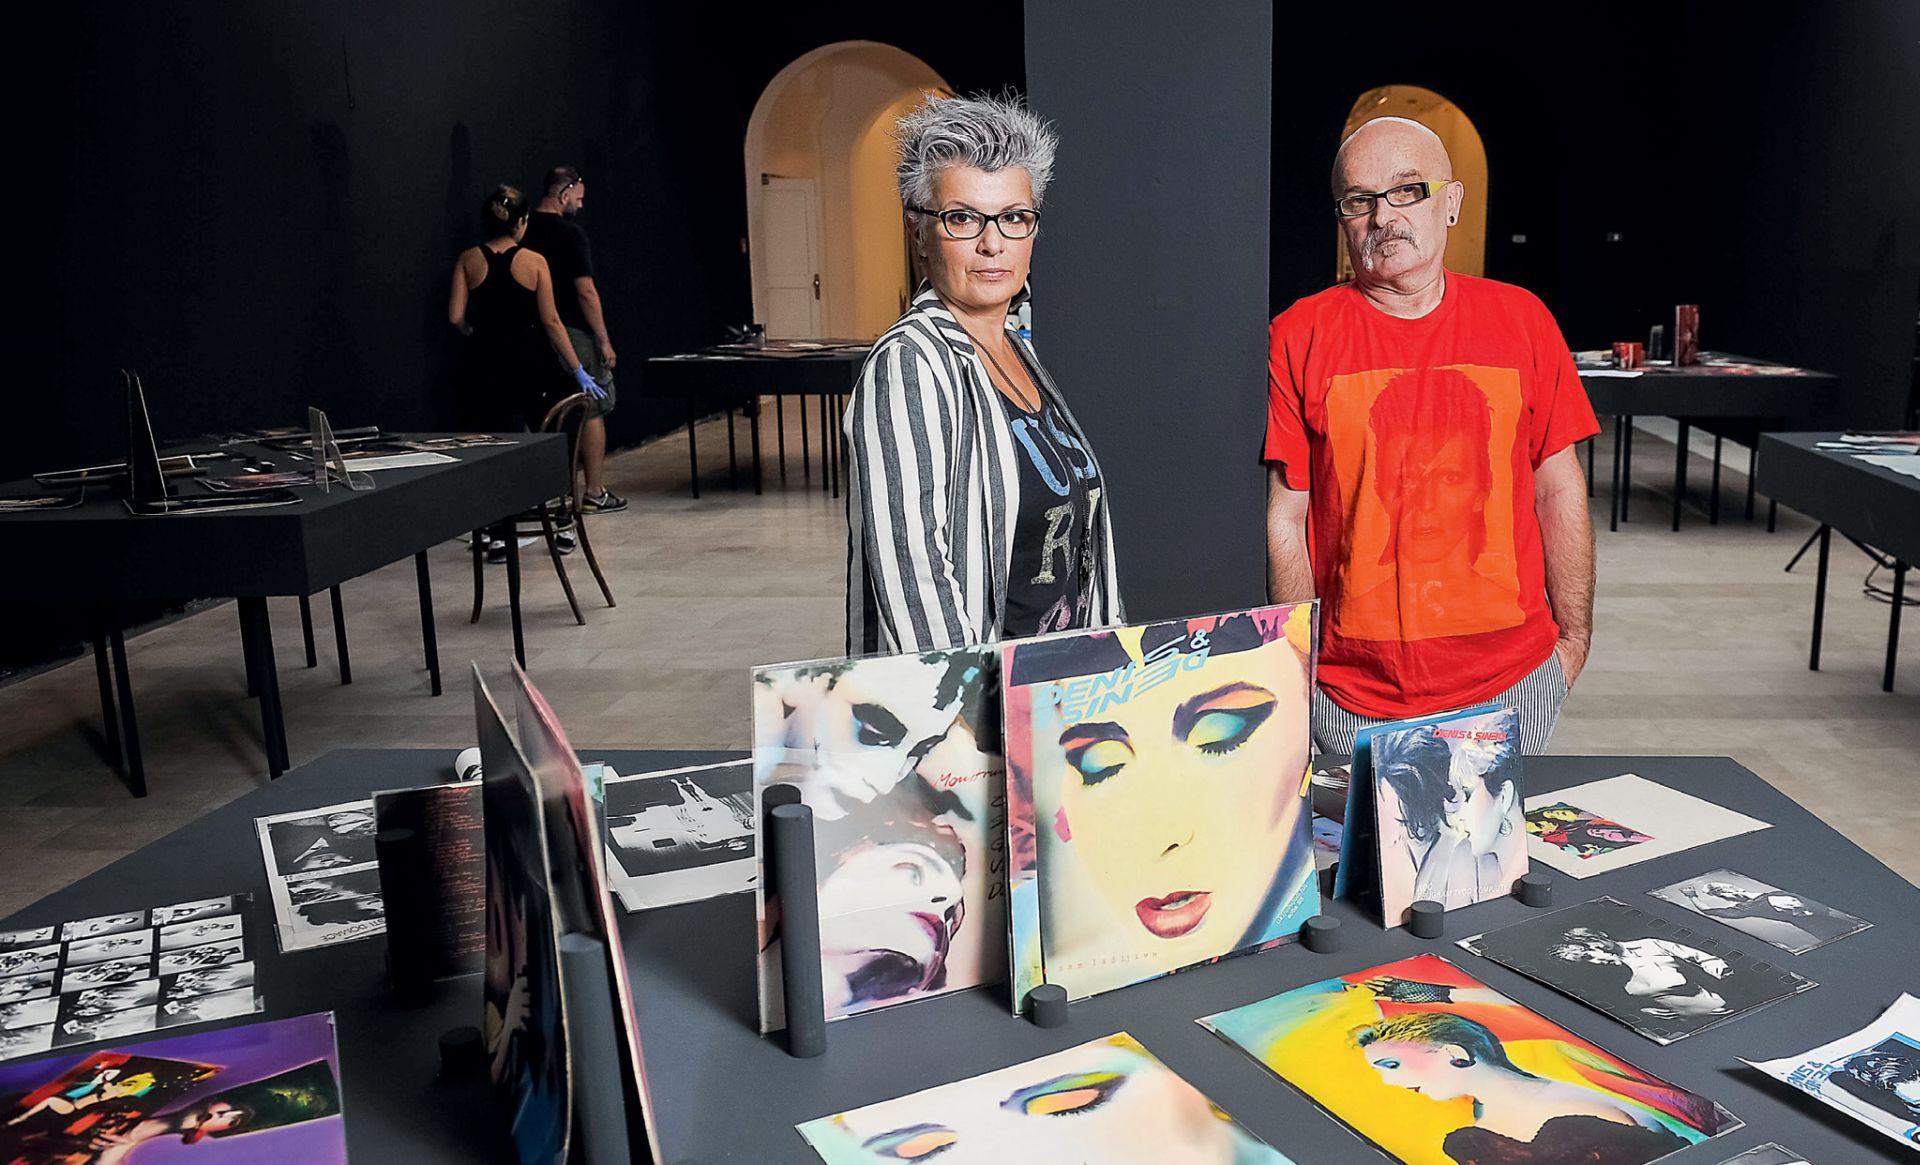 INTERVIEW: SANJA BACHRACH & MARIO KRIŠTOFIĆ 'Djeca bez znanja vizualne kulture odrastaju u vizualno nepismene ljude'